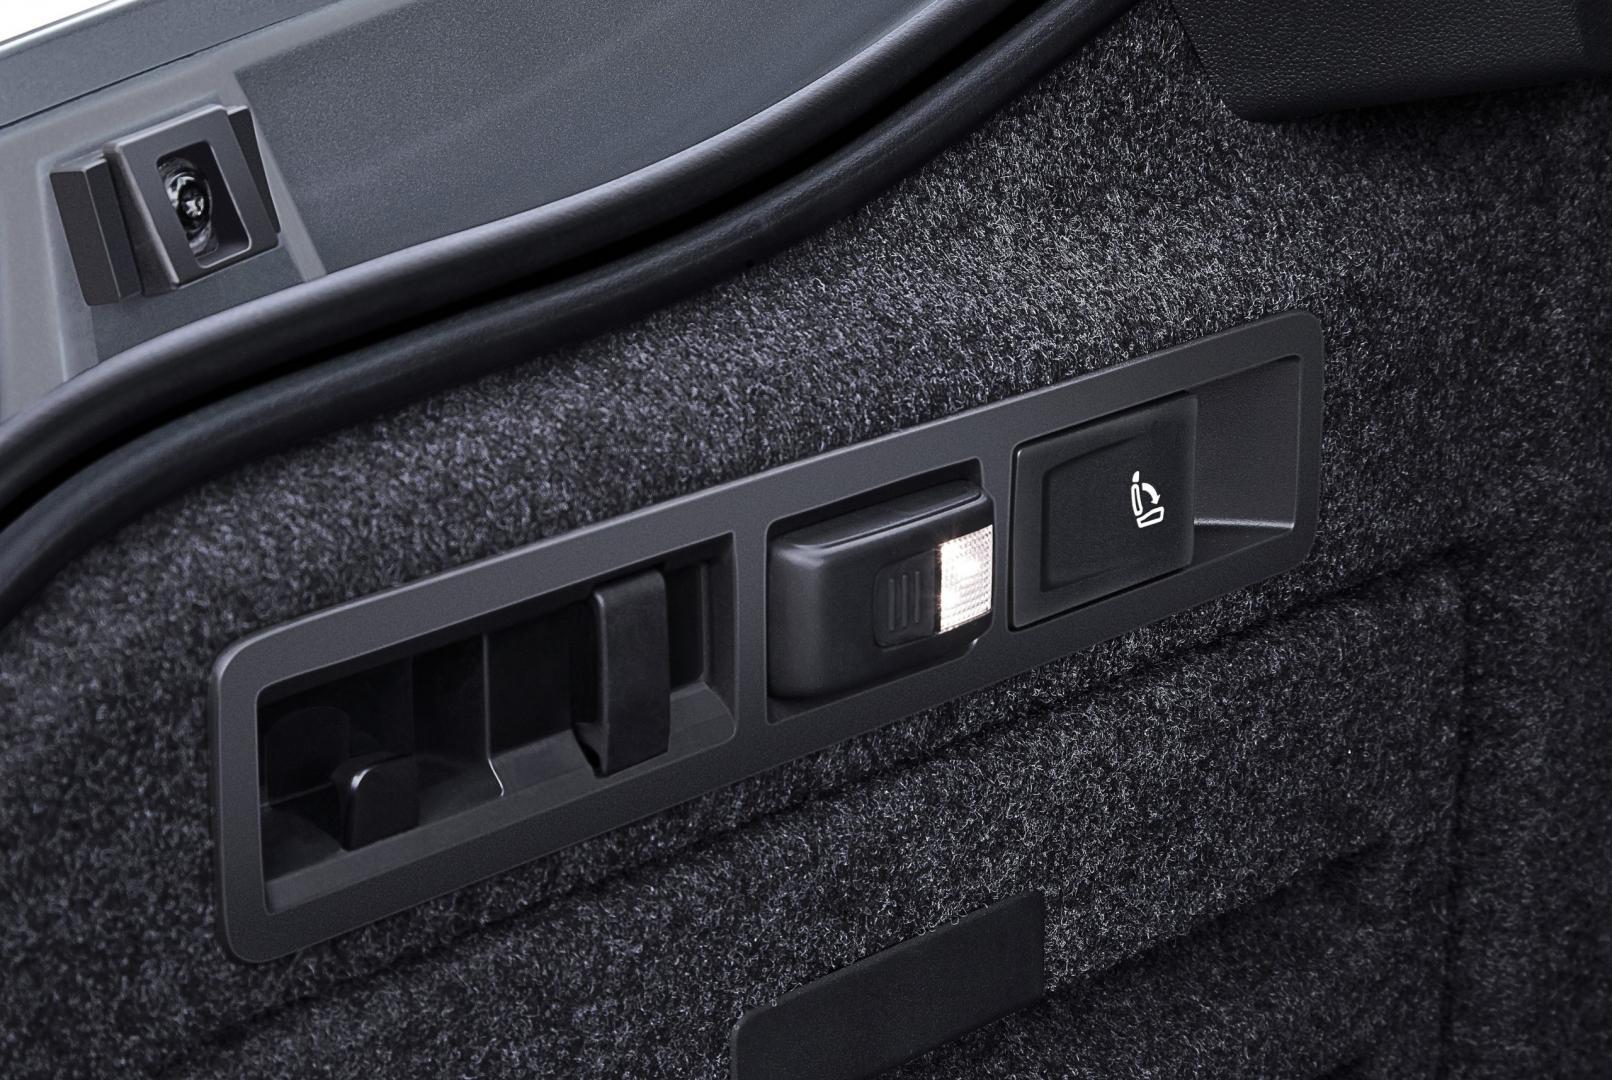 Skoda Superb 2.0 TDI Greentech knopje (2015)